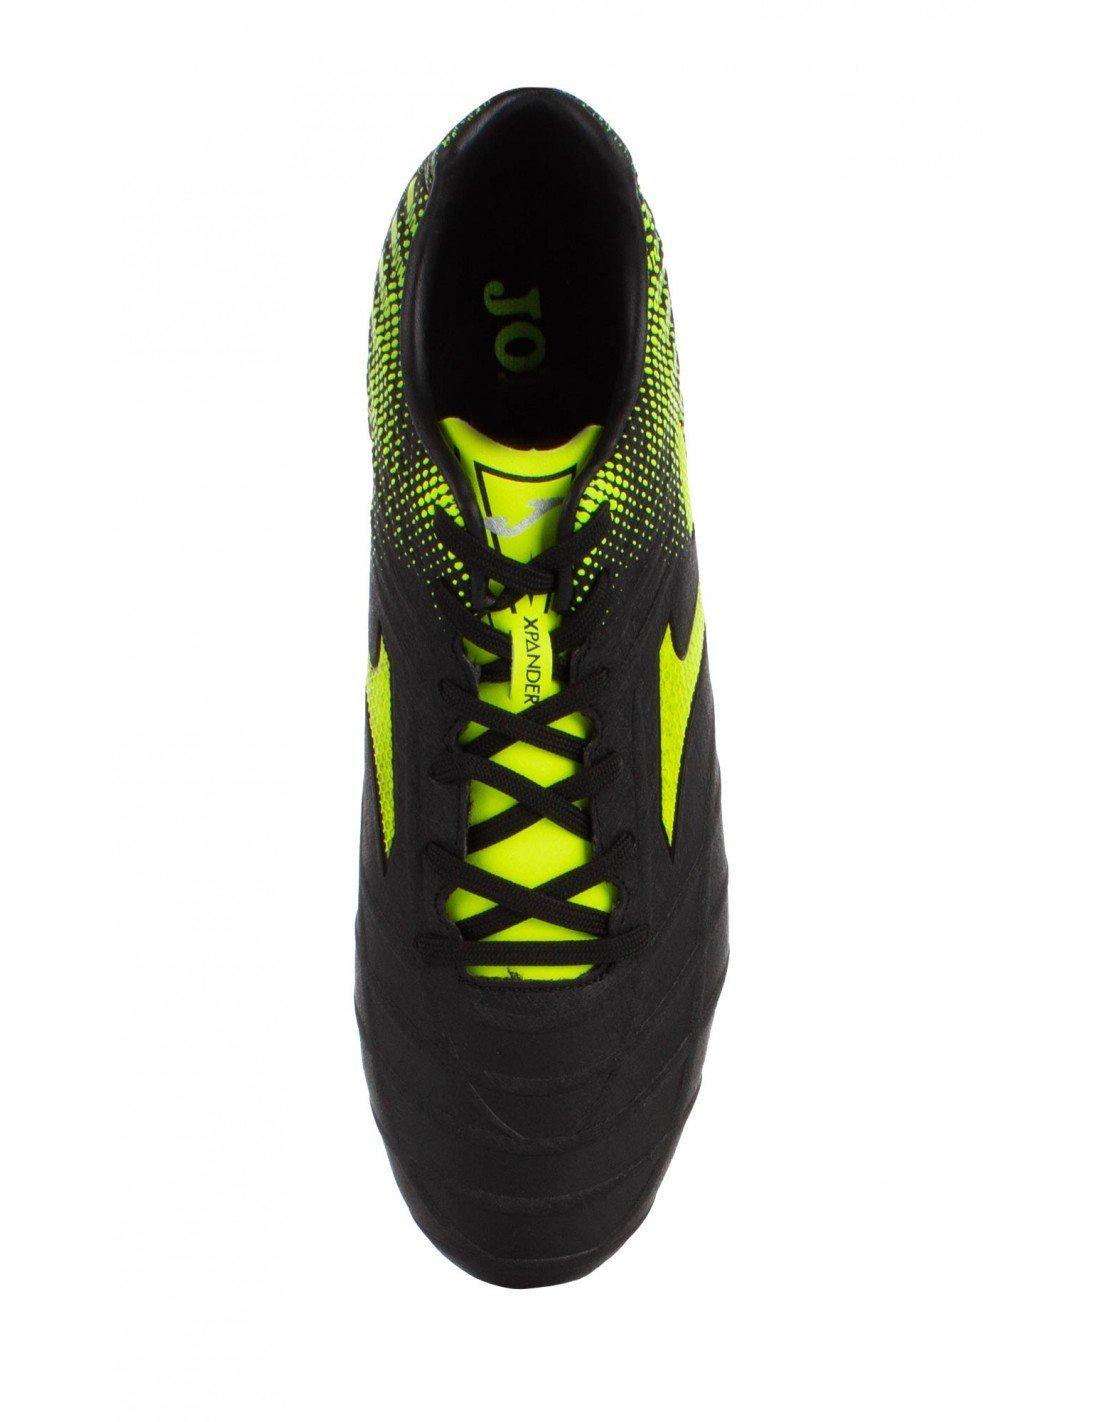 NIKE Flex Contact (GS) Kids' Grey/Fluor Yellow Shoes